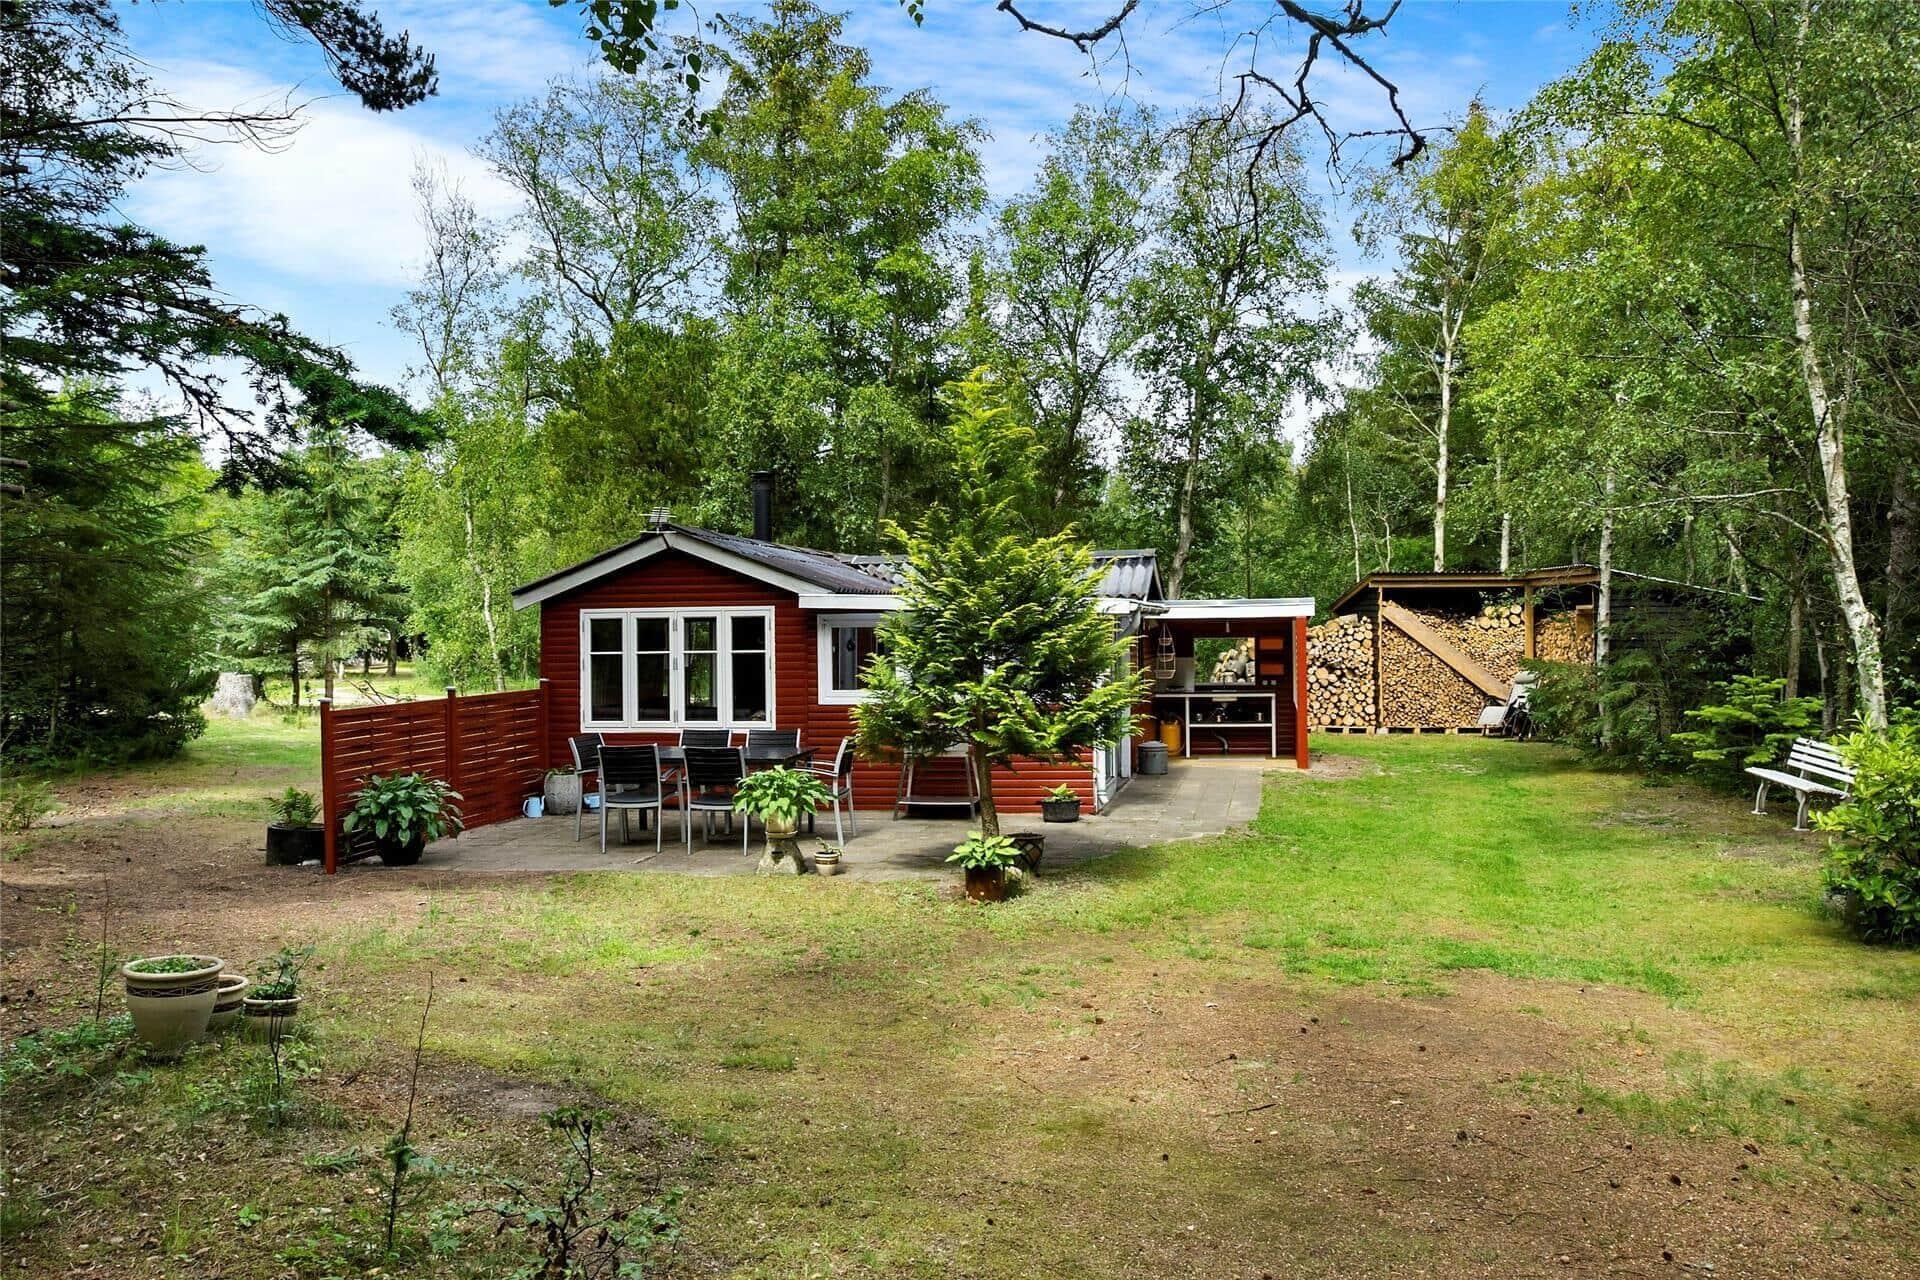 Afbeelding 1-14 Vakantiehuis 1742, Lunekrogen 5, DK - 9490 Pandrup